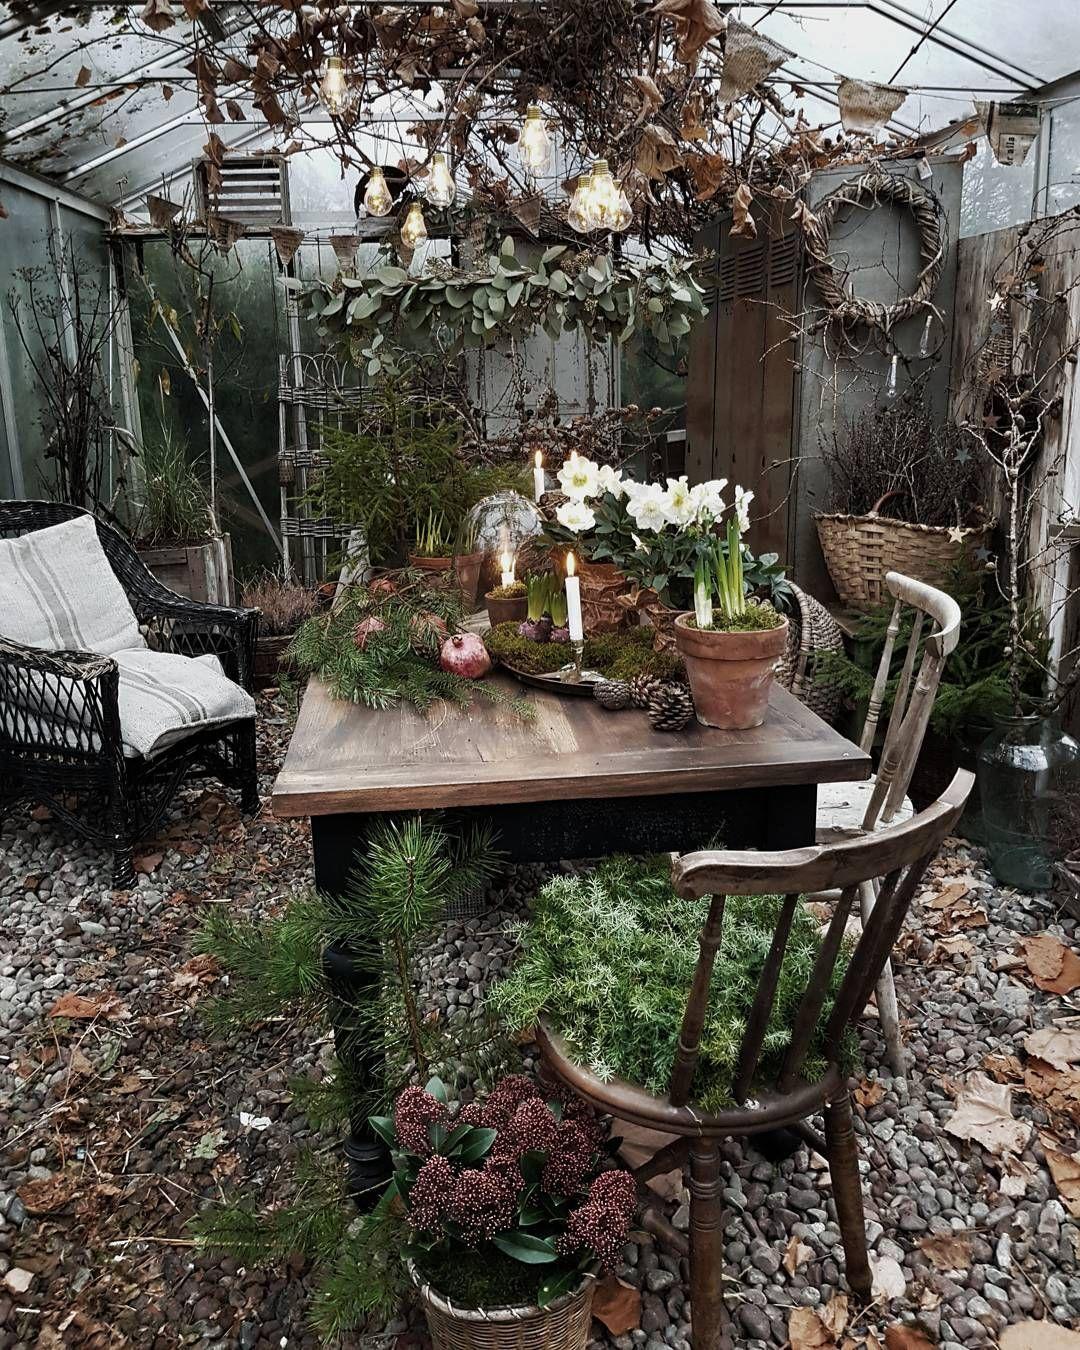 Happy Sunday everyone. Dekoration, Garten, Garten deko